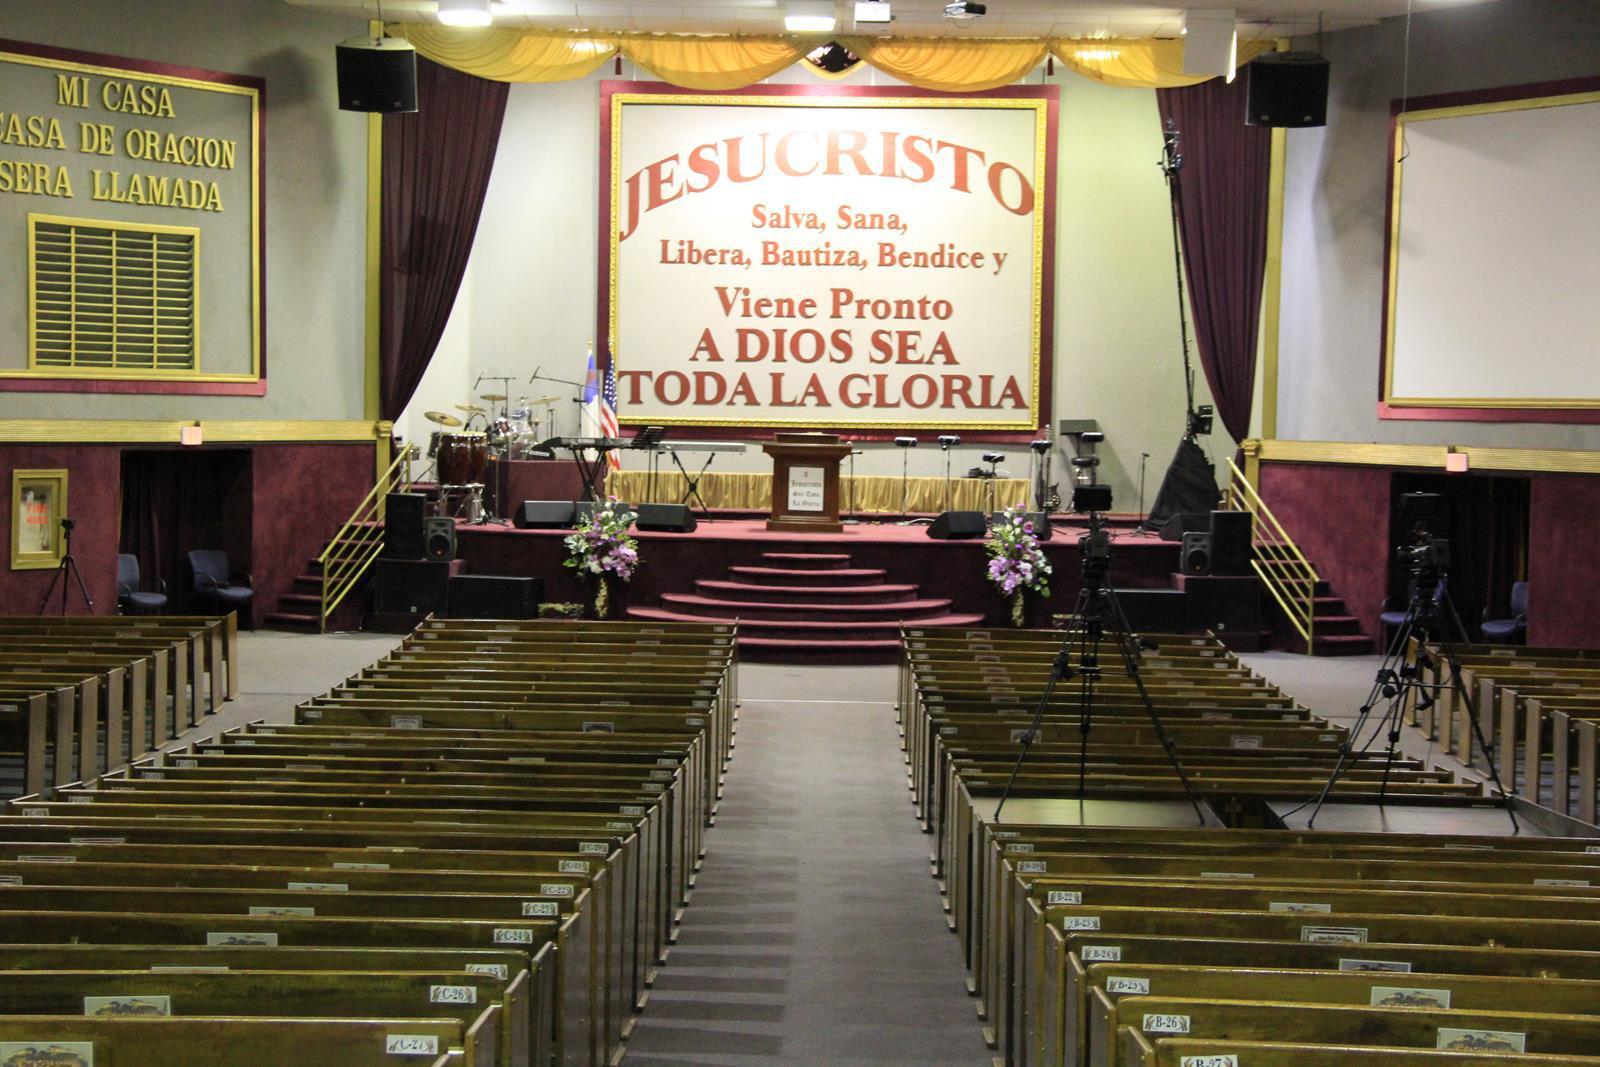 GLORIA A DIOS, 30 ANIVERSARIO ICRLC 07 04, 2016 (14)